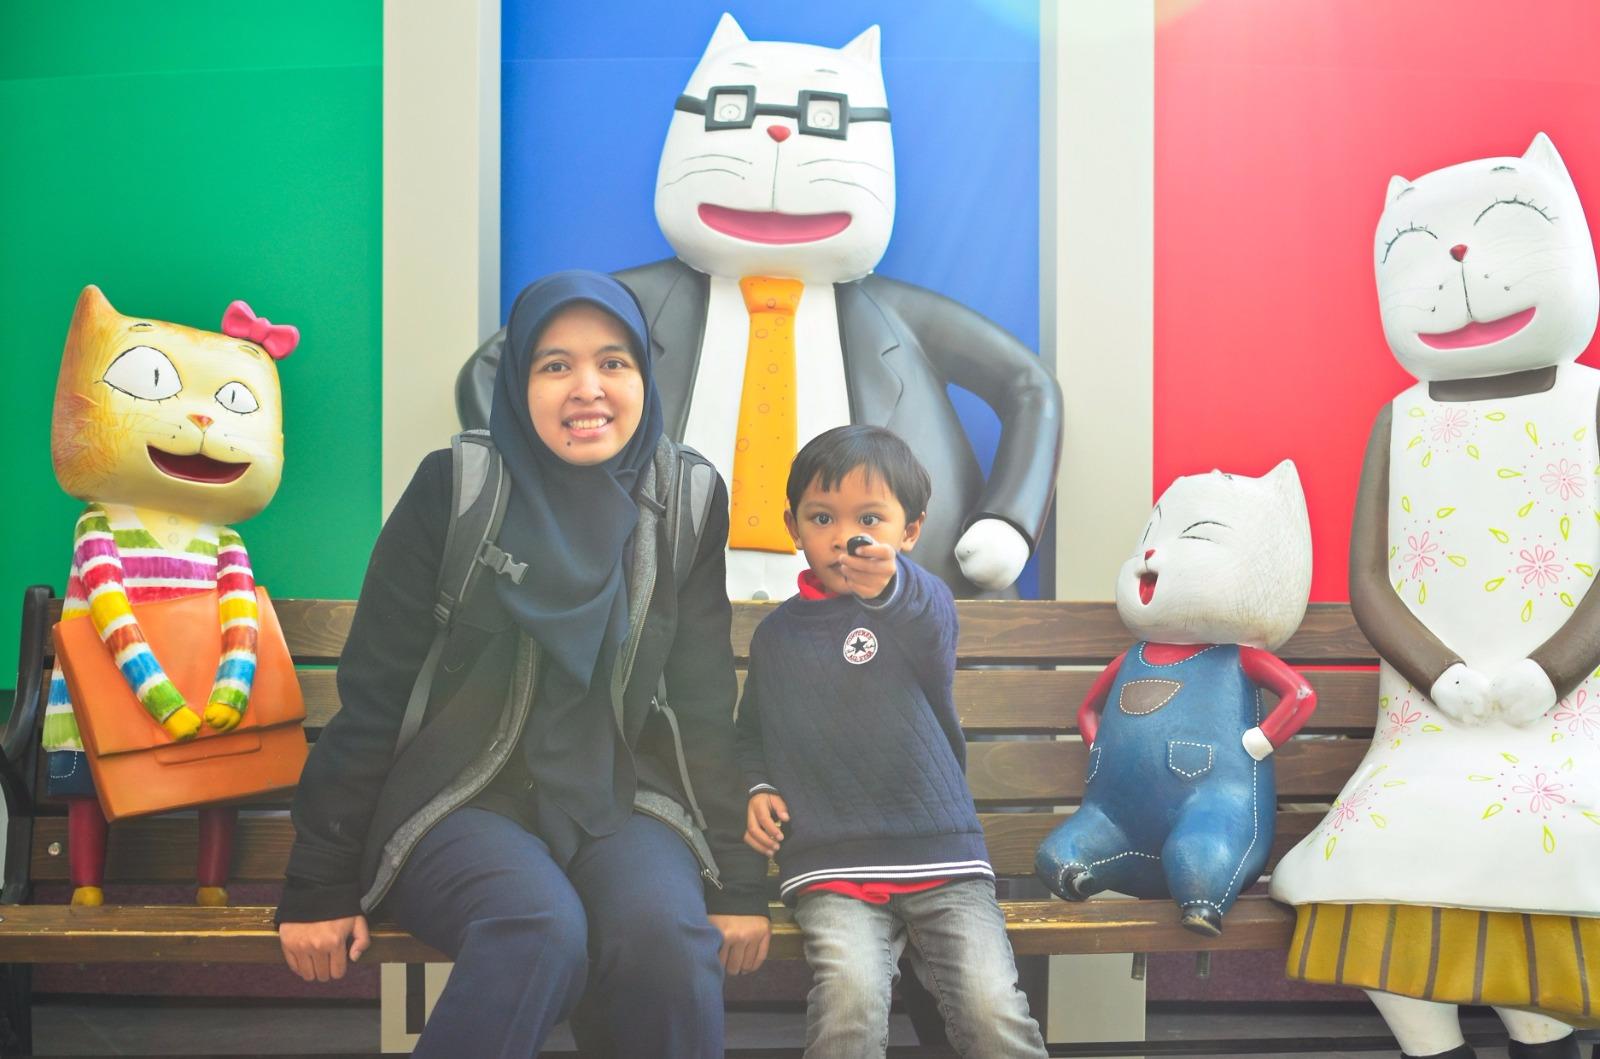 Daripada berfoto bareng Jong Ki dan kaleng tuna berfoto bareng keluarga Cloud Bread jauh lebih mengesankan